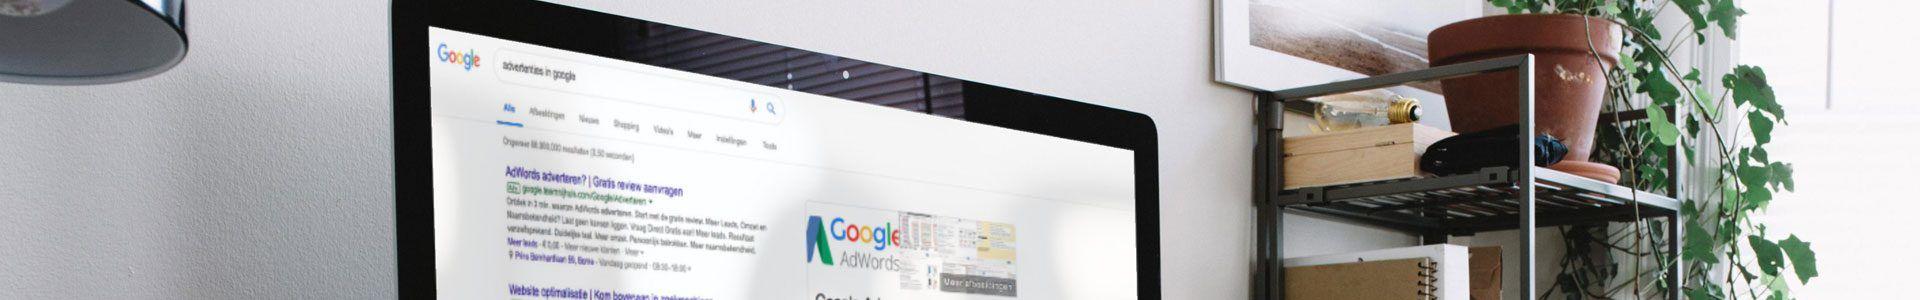 Advertenties op Google plaatsen met zoekmachine adverteren